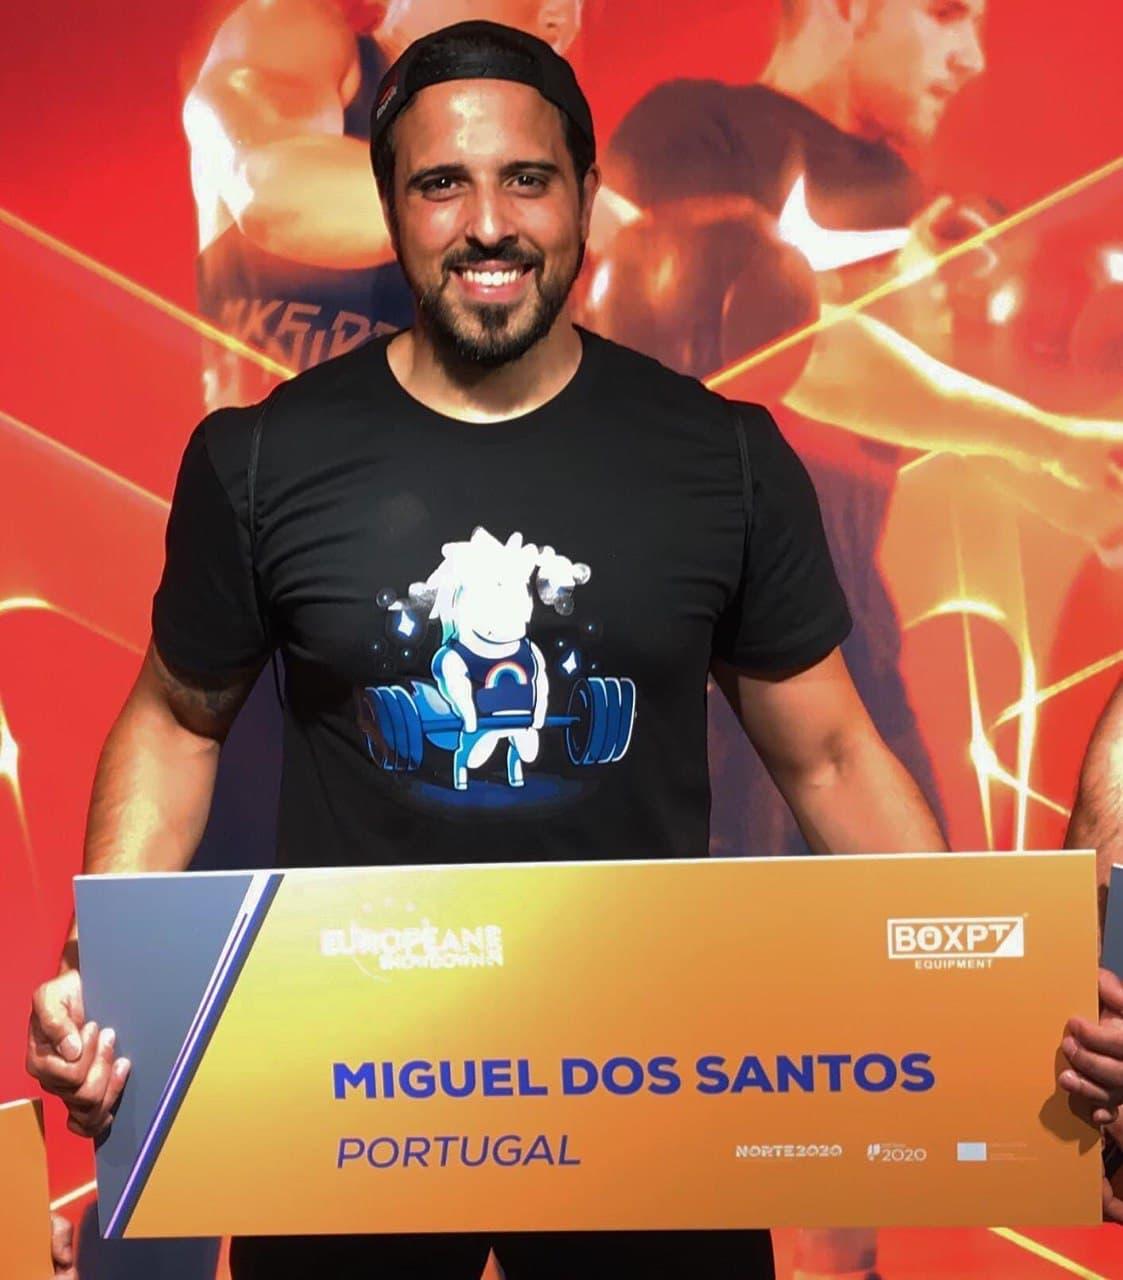 Miguel dos Santos